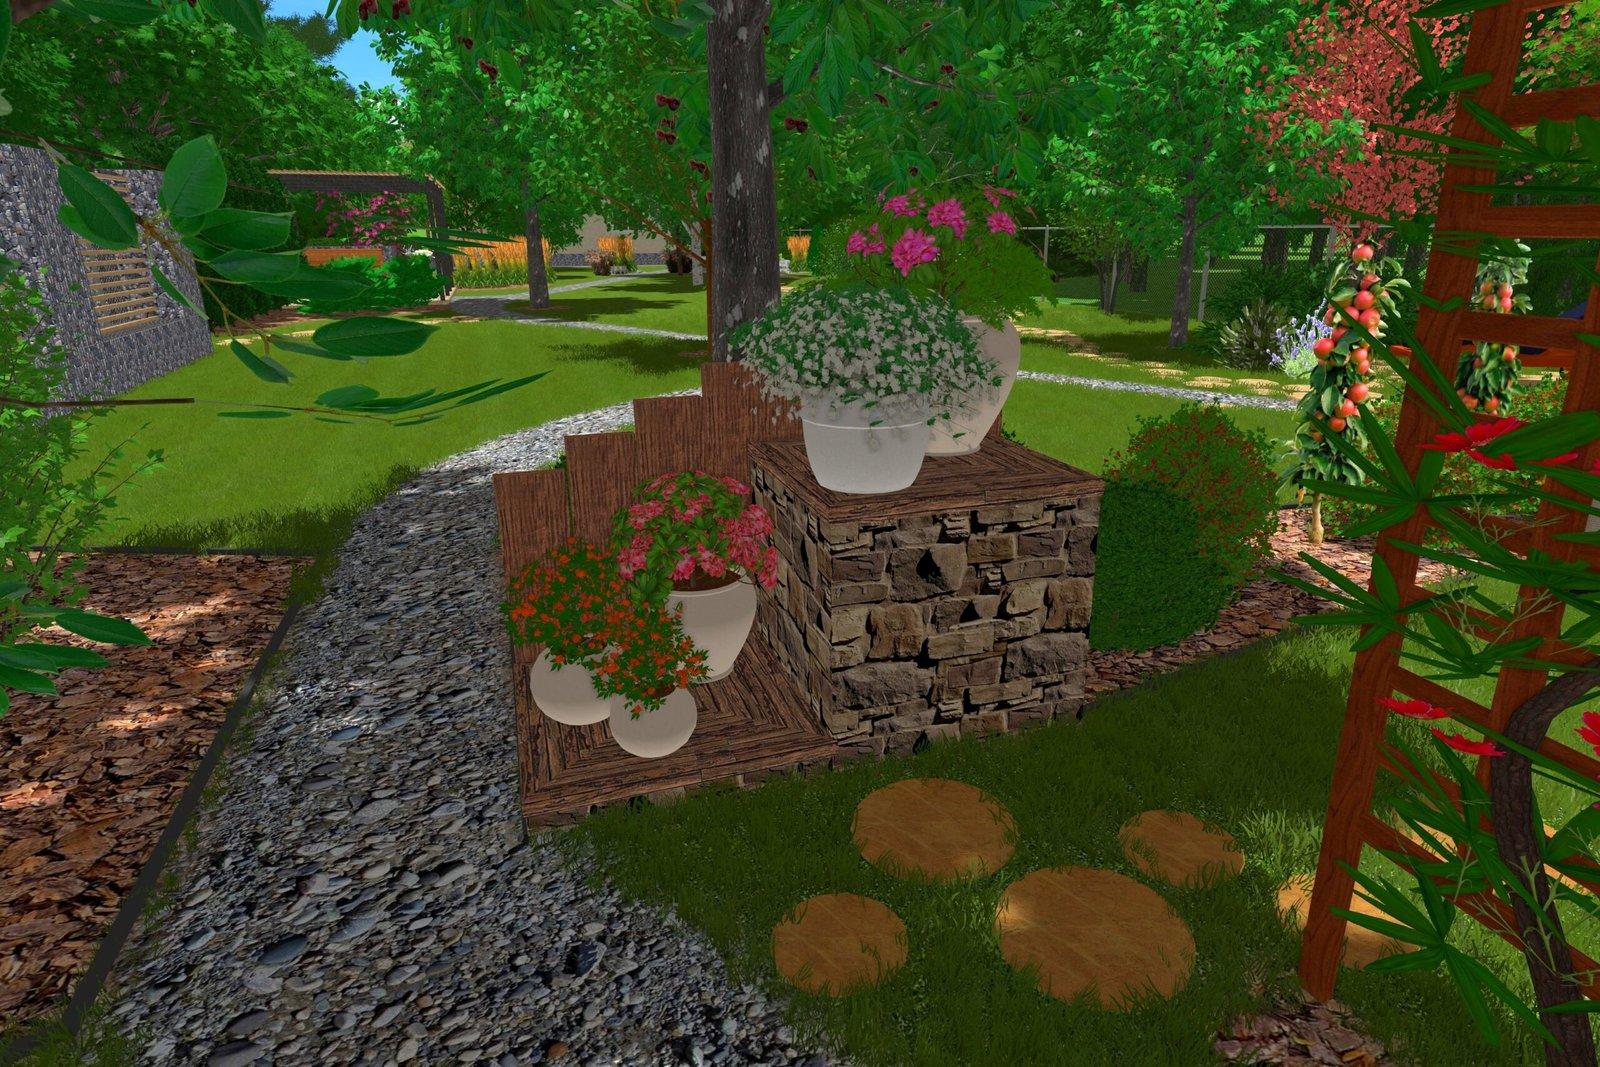 расположение функциональных зон в ландшафтном дизайне, особеннности рельефа территории, созданием стильного ландшафтного дизайна